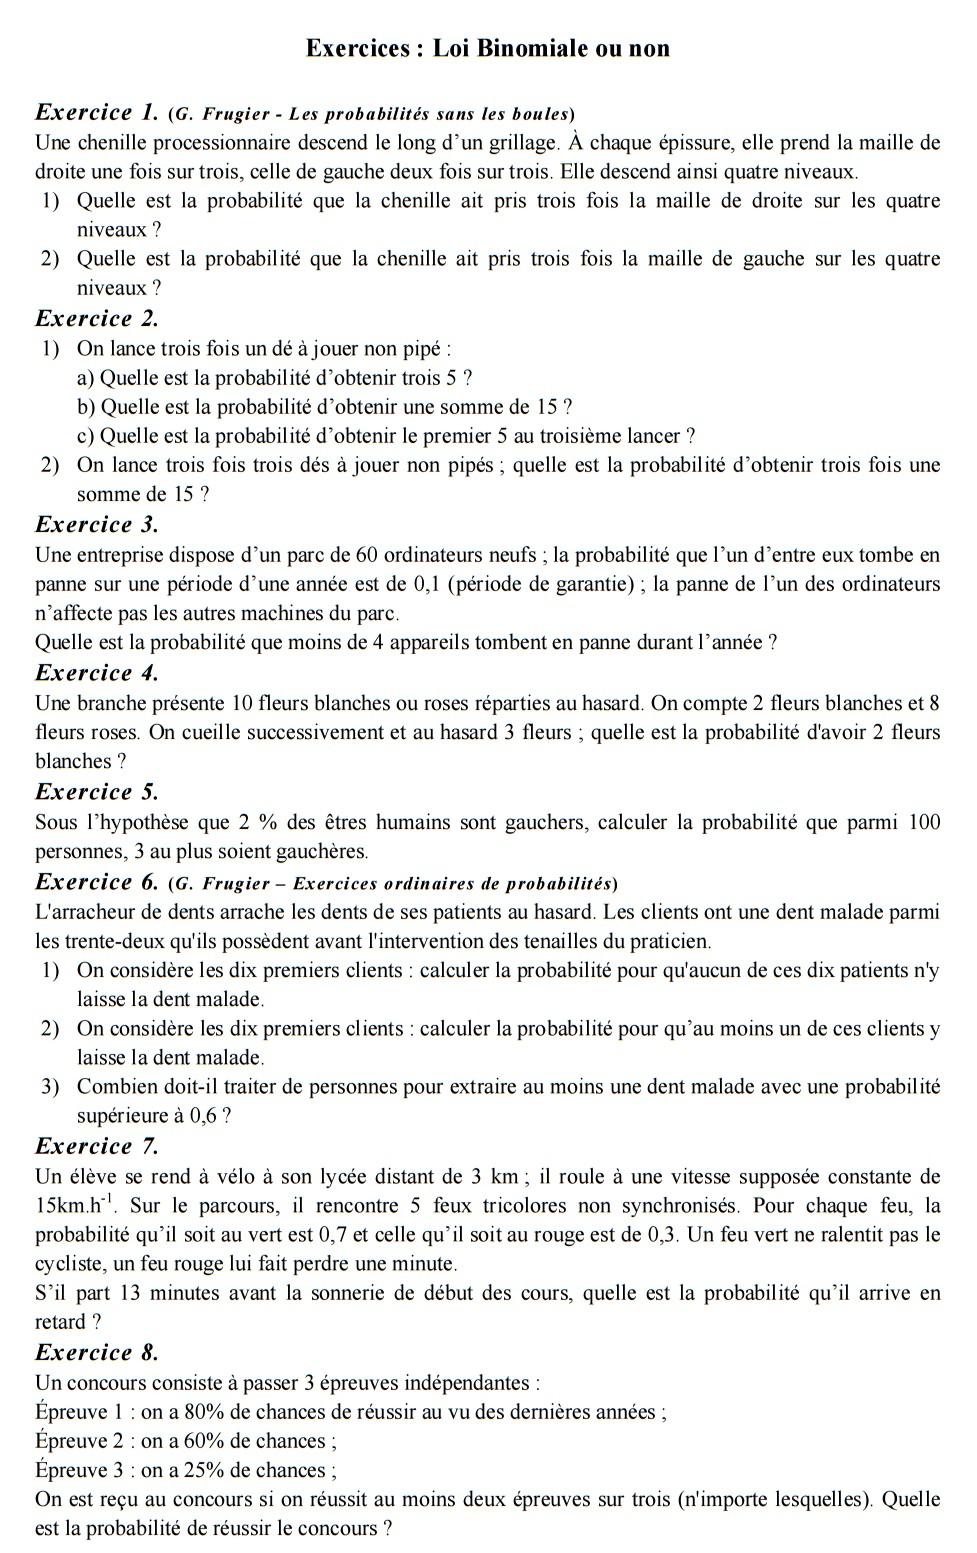 Exercices Loi Binomiale ou non